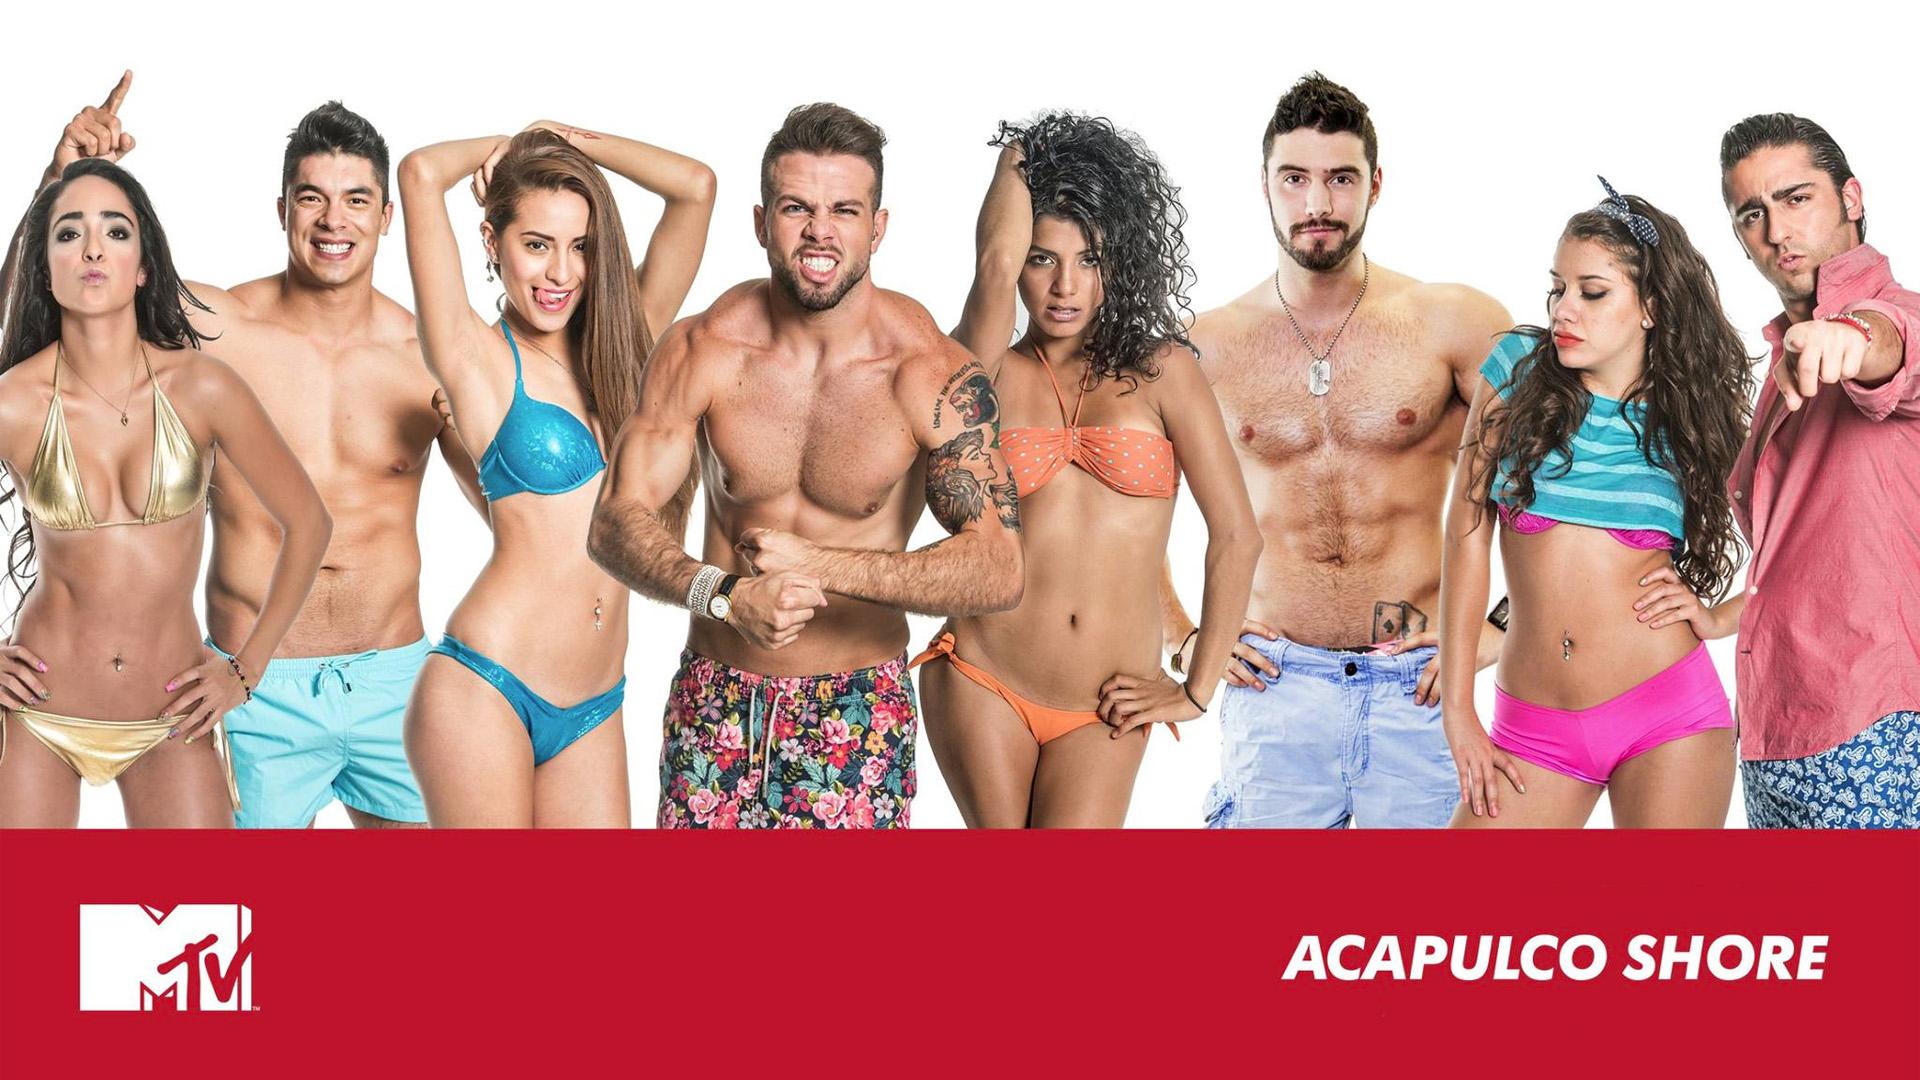 Acapulco shore nueva generacion capitulo 3